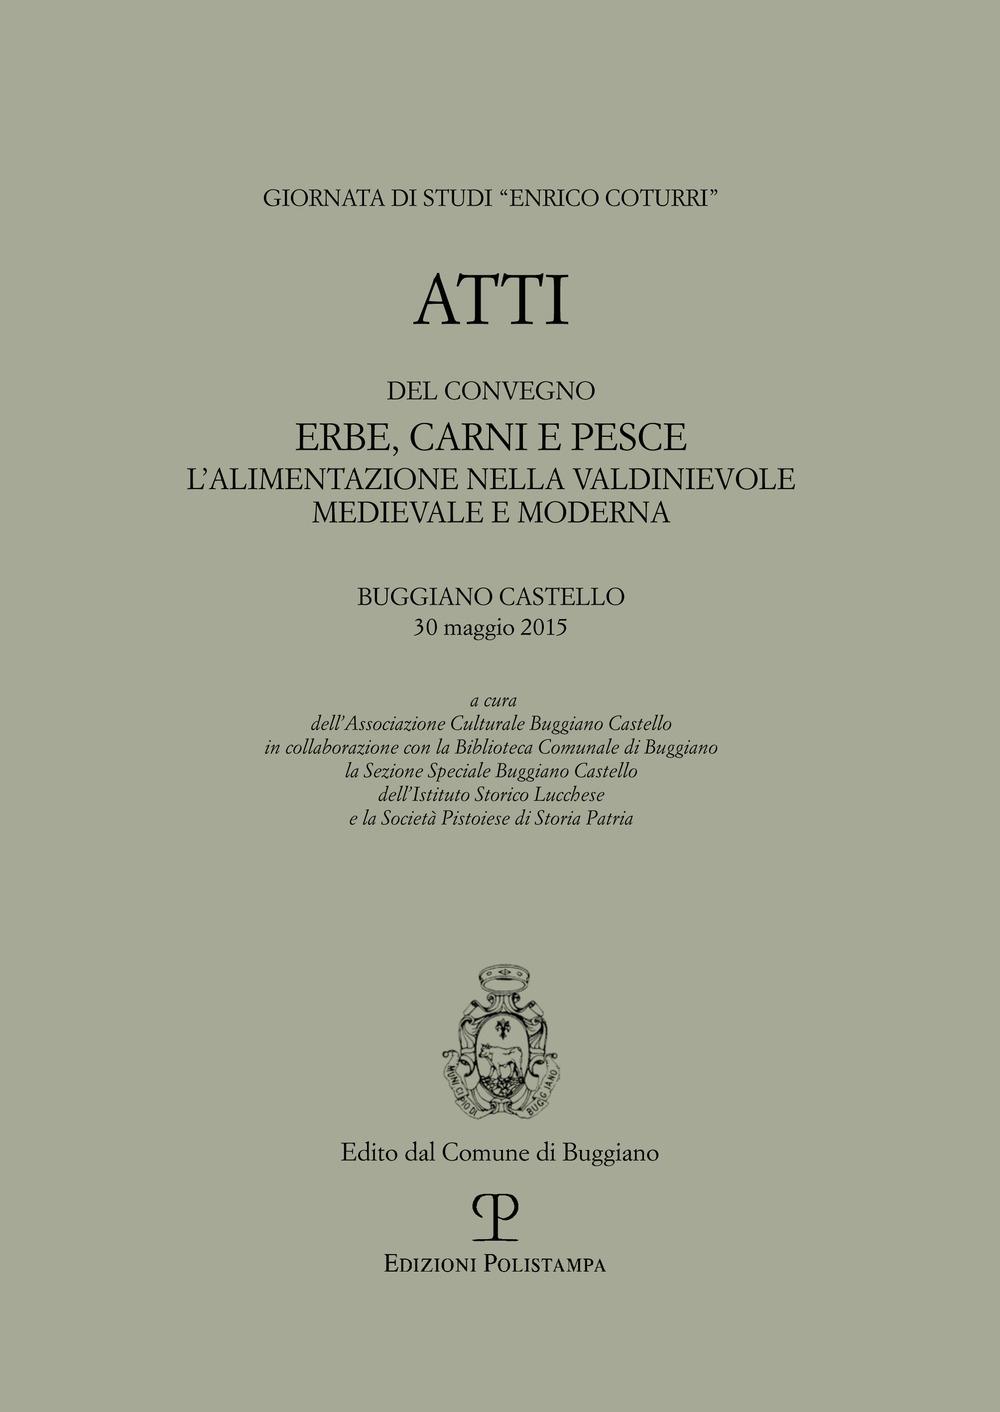 Atti del convegno Erbe, carni e pesce. L'alimentazione nella Valdinievole medievale e moderna. Buggiano Castello, 30 maggio 2015.